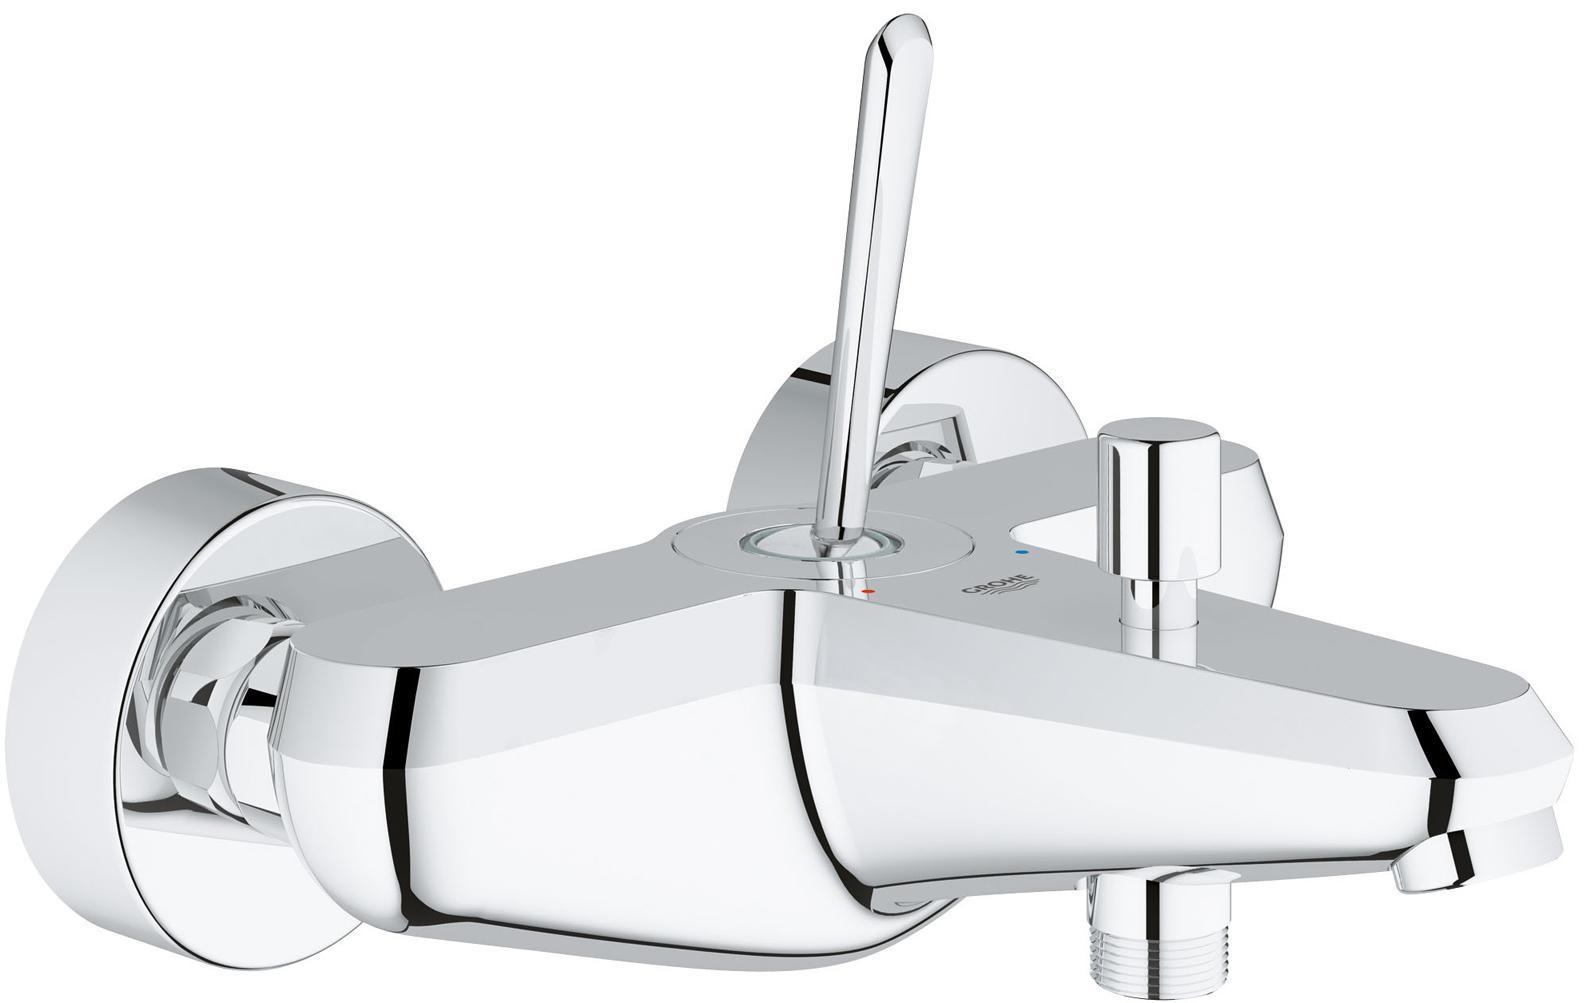 Смеситель для ванны GROHE Eurodisc Joy, хром23431000Управление одним кончиком пальца Инновационный механизм управления с помощью джойстика, в котором воплотилась сама суть концепции дизайна коллекции Eurodisc, представляет собой неповторимое эстетическое решение. Эта модель с невероятно легким управлением станет украшением любой ванной комнаты. Выбор покрытия и размера модели Белоснежное глянцевое покрытие с хромированными элементами представляет собой оригинальную альтернативу классическому хромированному покрытию и гармонично впишется в интерьер любой ванной комнаты. Определившись с моделью смесителя для раковины среди коллекций GROHE, вы сможете выбрать не только покрытие, но и размер смесителя в соответствии с потребностями вашей семьи. Для обеспечения комфорта при различных условиях использования в нашем ассортименте представлены модели размеров s, M и XL. Скоординированный дизайн душевого оборудования Какое бы покрытие вы ни предпочли, будь то хромированное или белоснежное, в ассортименте GROHE найдутся ручные и верхние...